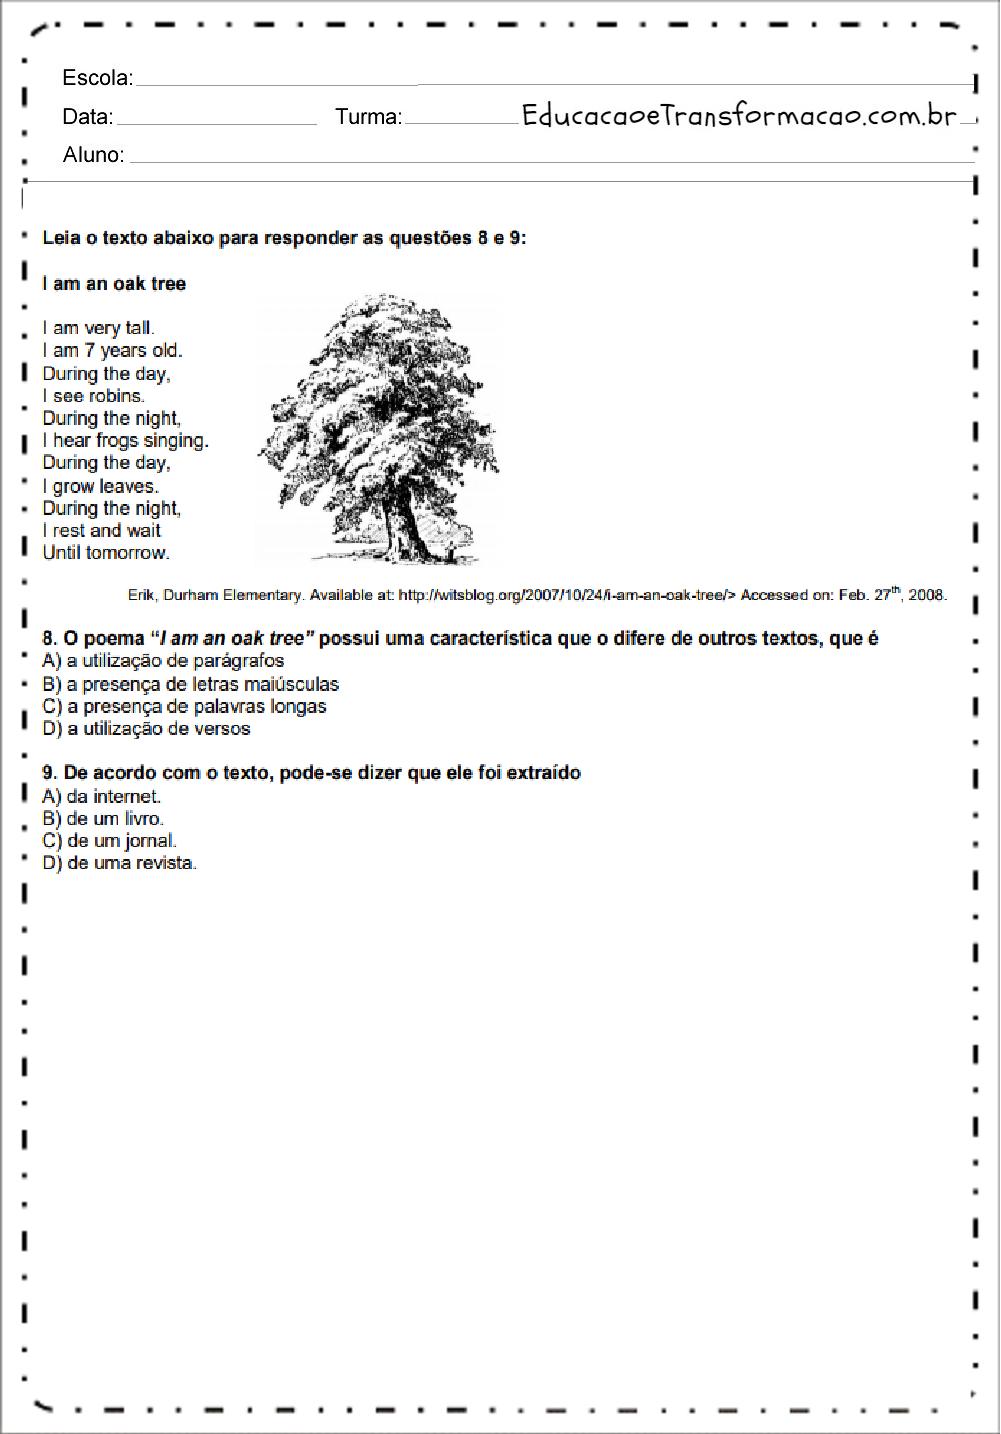 Atividades de Inglês 6 ano do Ensino Fundamental - Para Imprimir